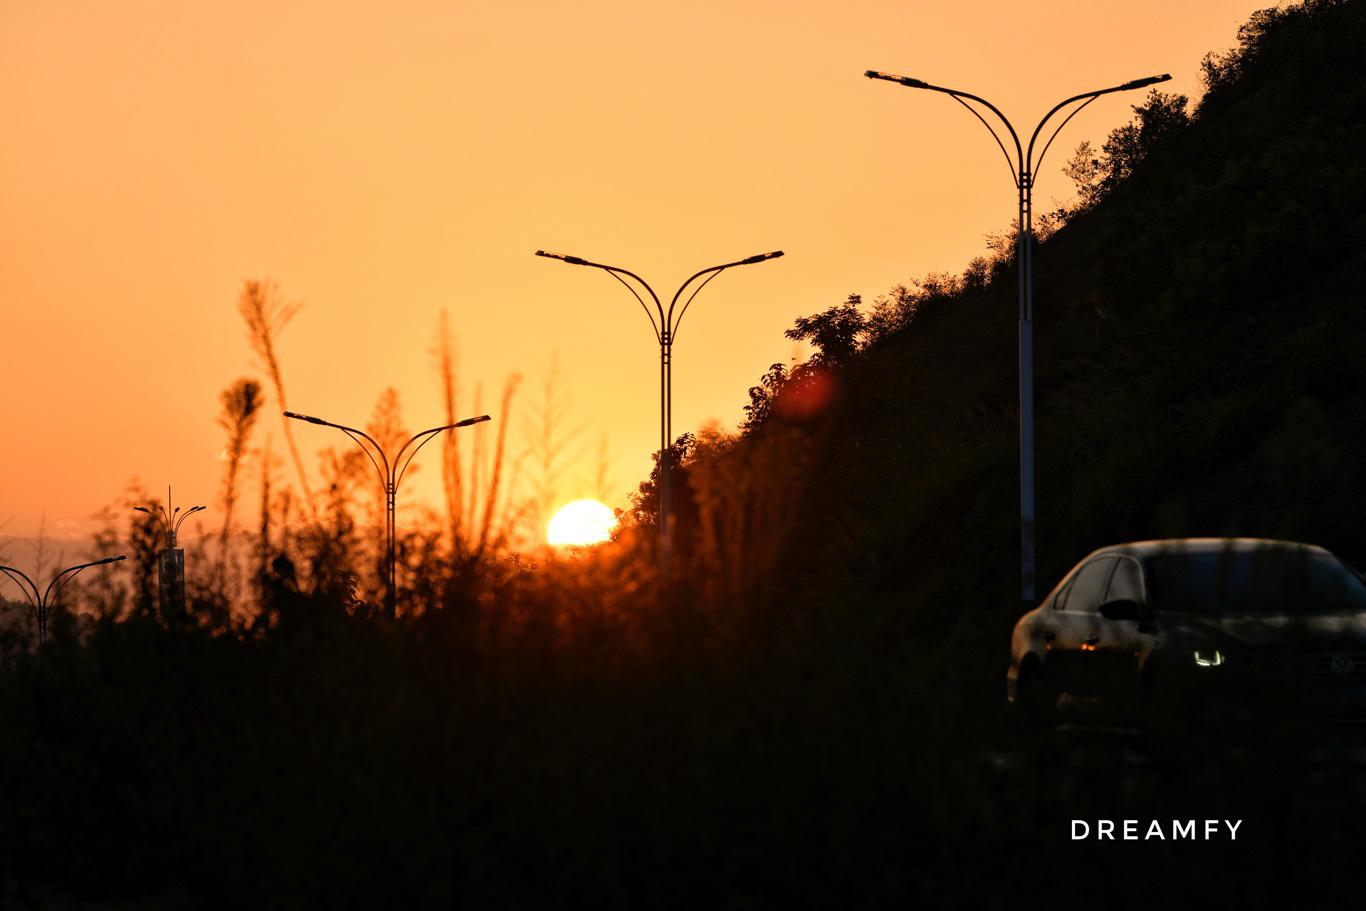 影像志:夕阳红